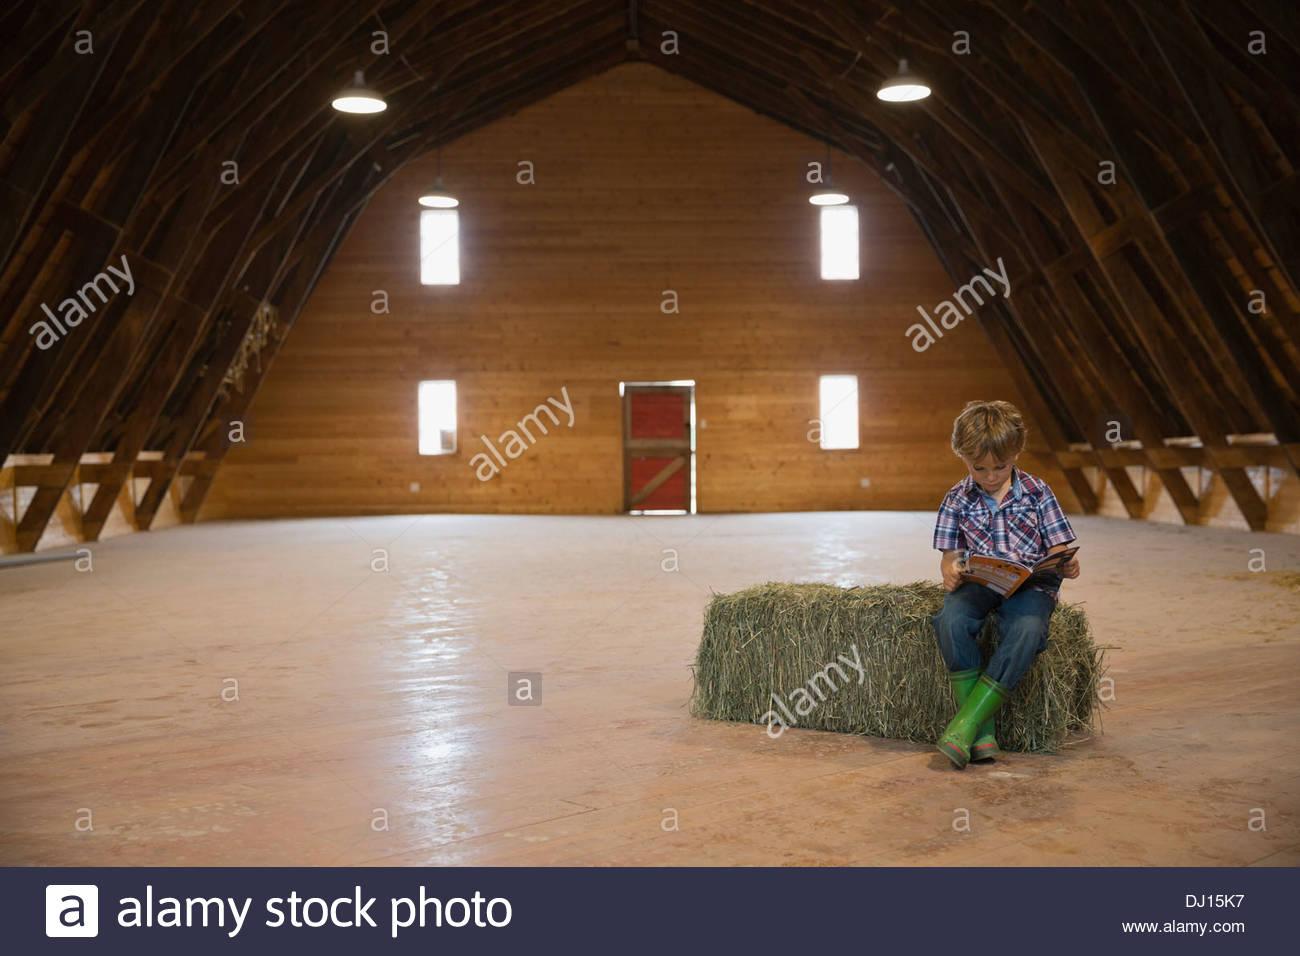 Chico leyendo un libro sobre fardos de heno en el granero Imagen De Stock